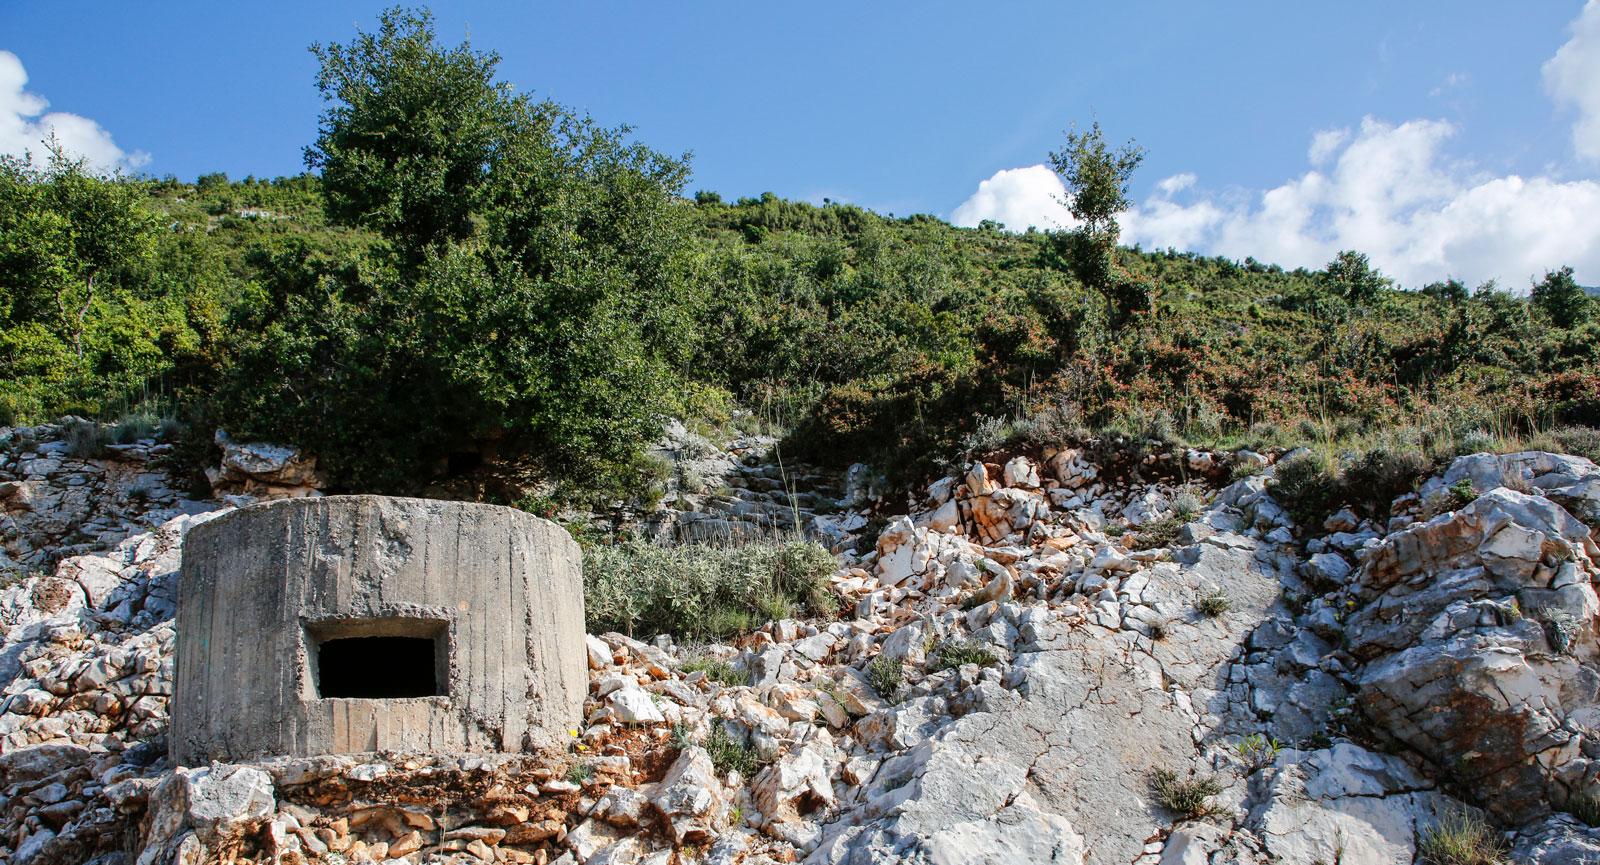 Den paranoide diktatorn Enver Hoxha lät bygga fler än 700000 bunkrar som skulle skydda från inkräktare.